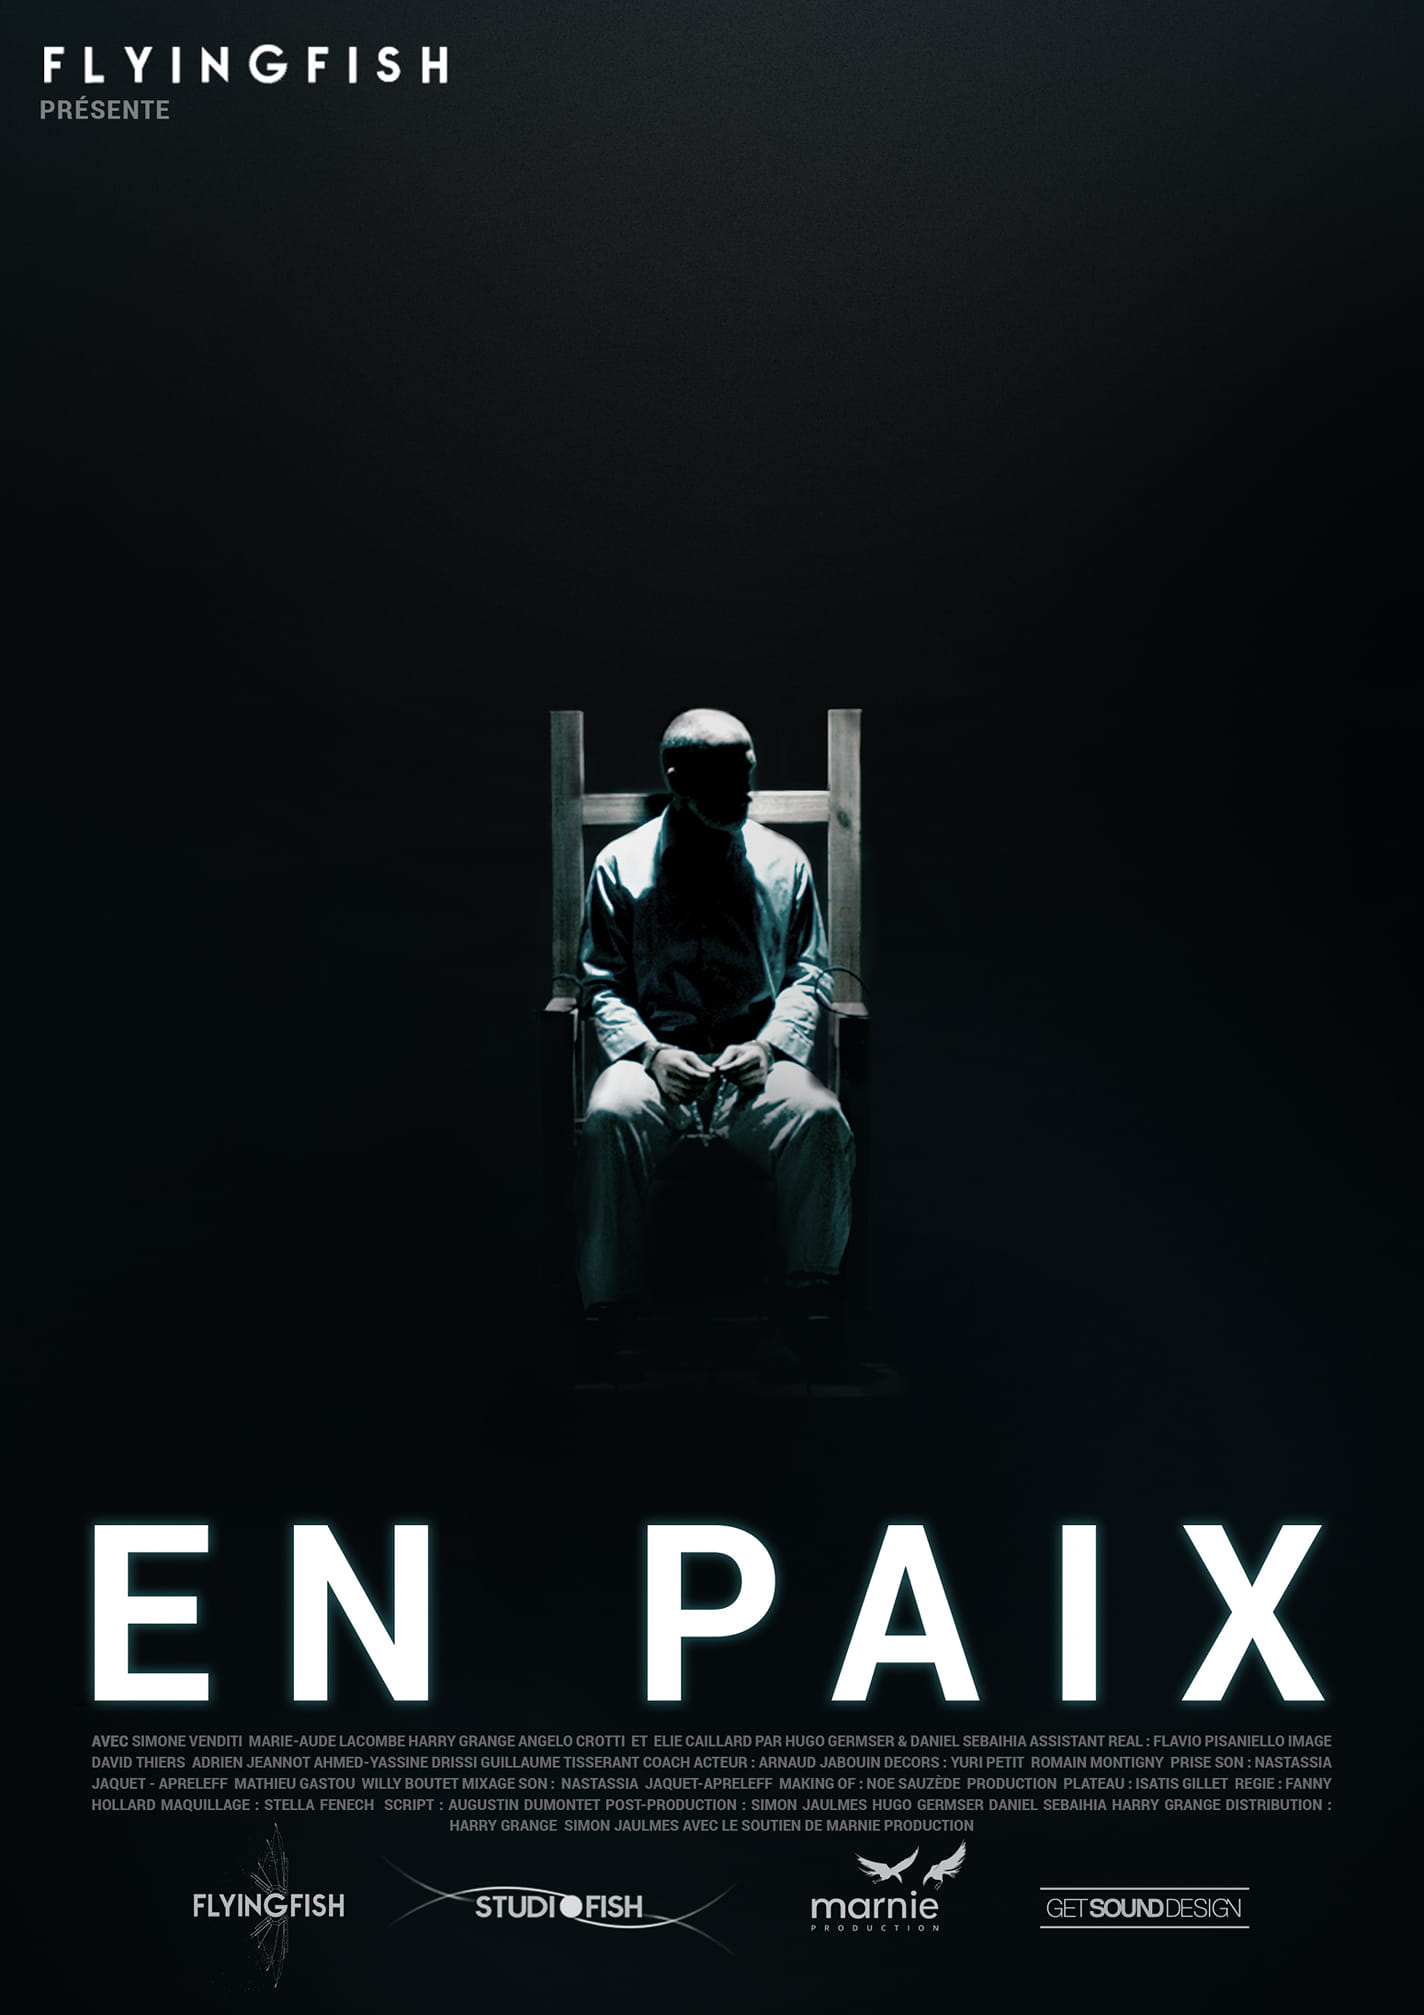 affiche_enpaix